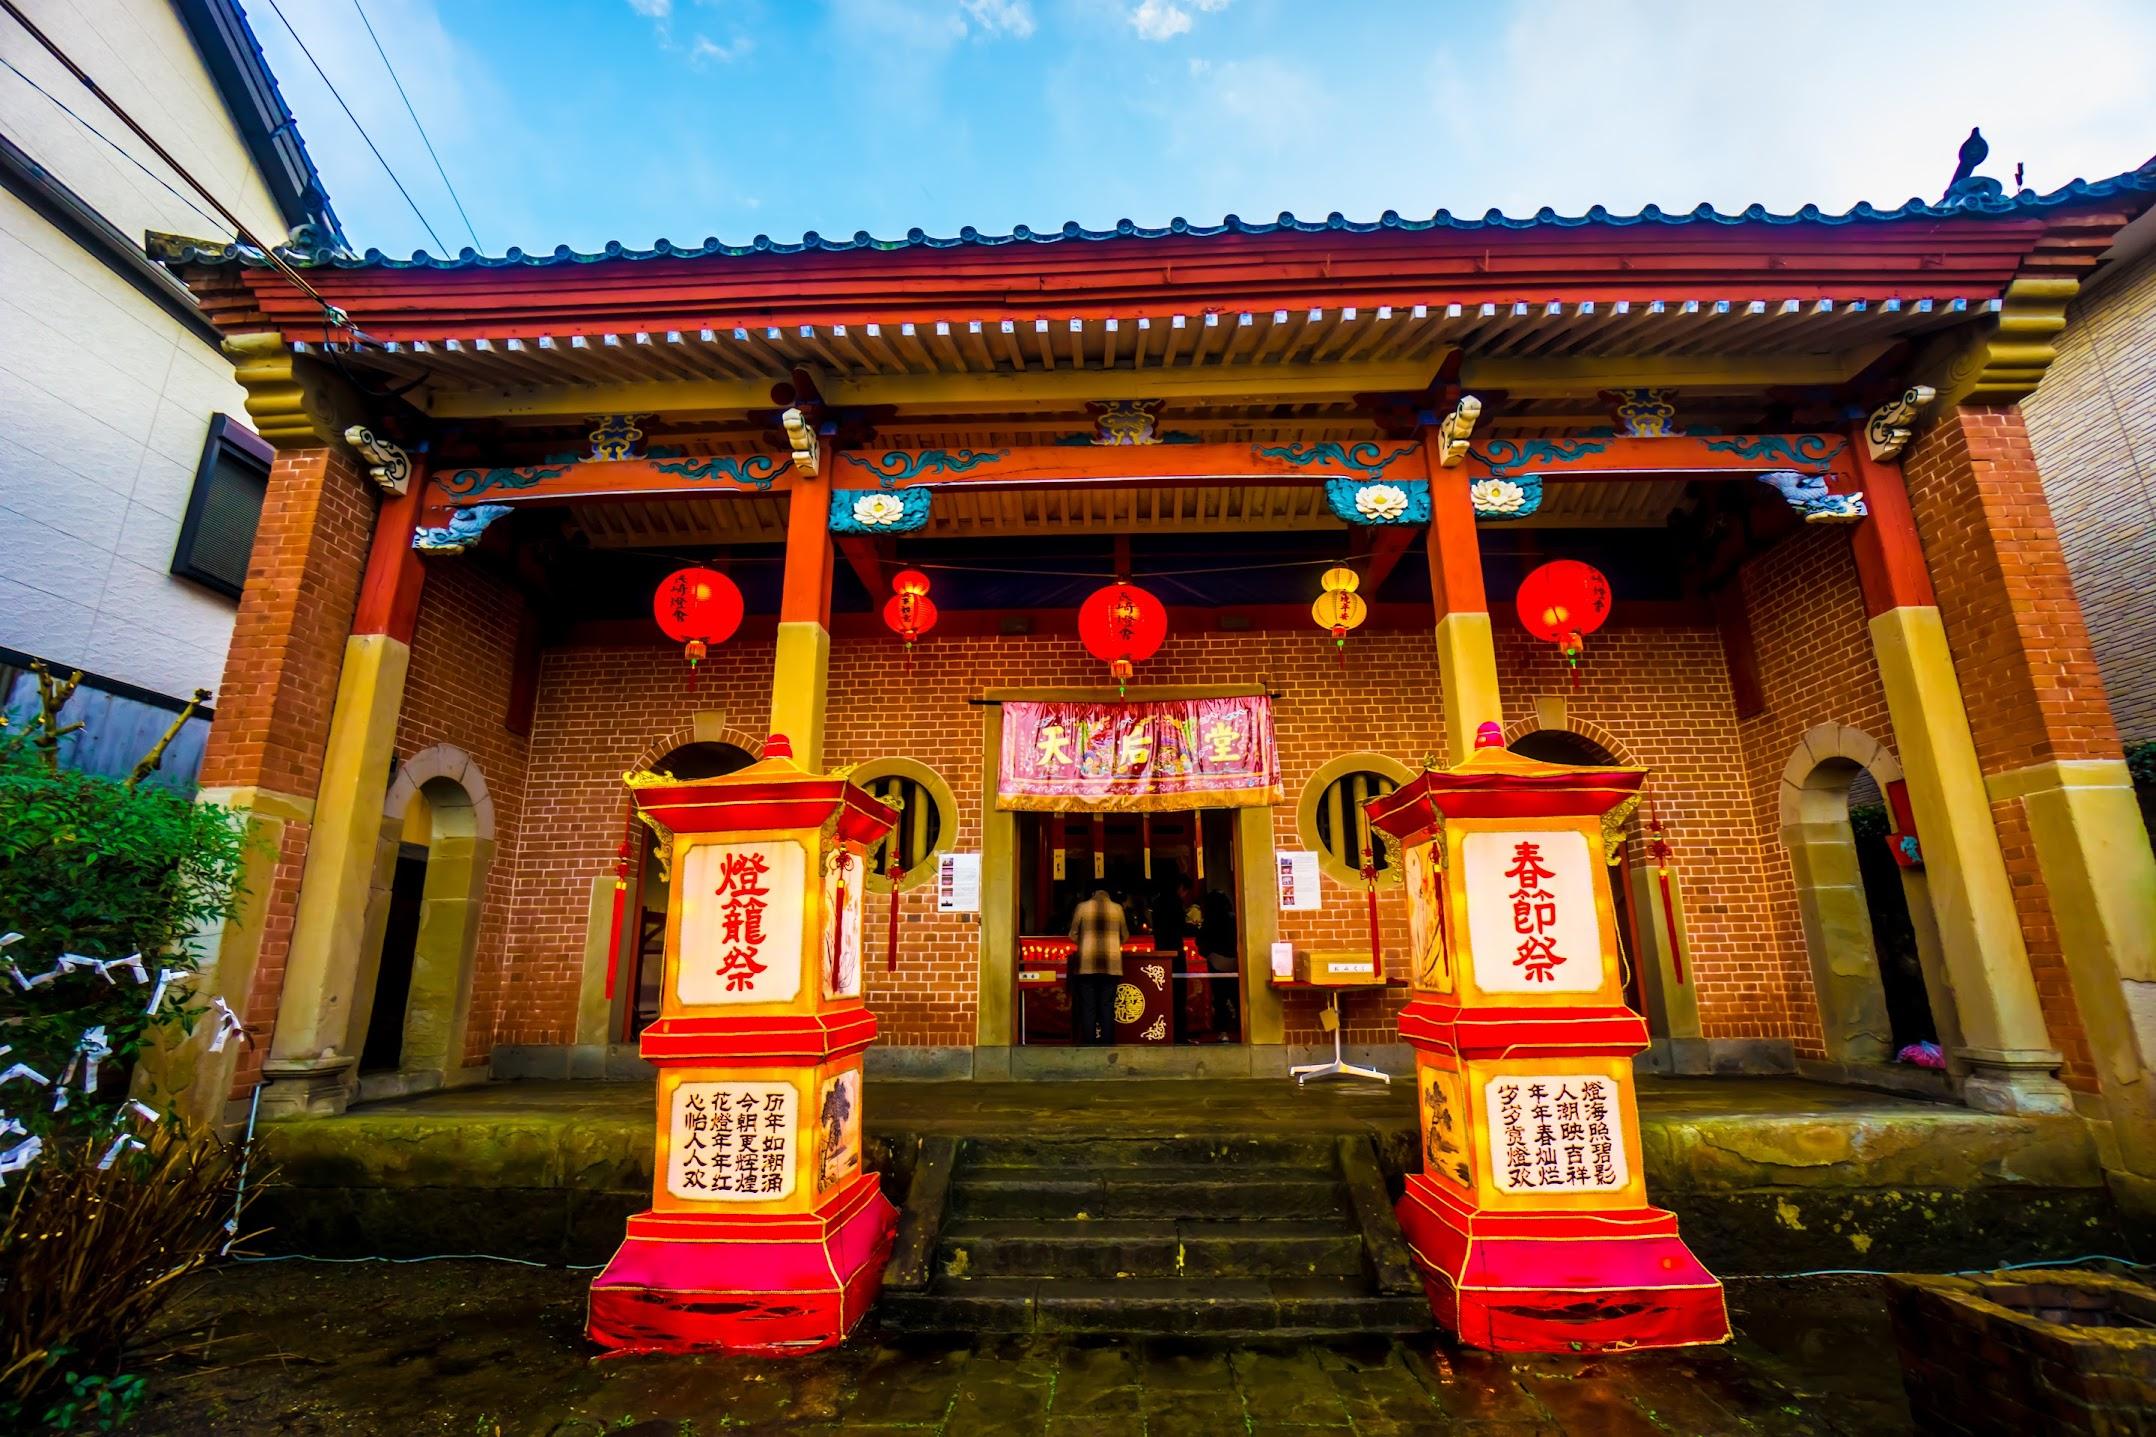 長崎 唐人屋敷跡 天皇堂